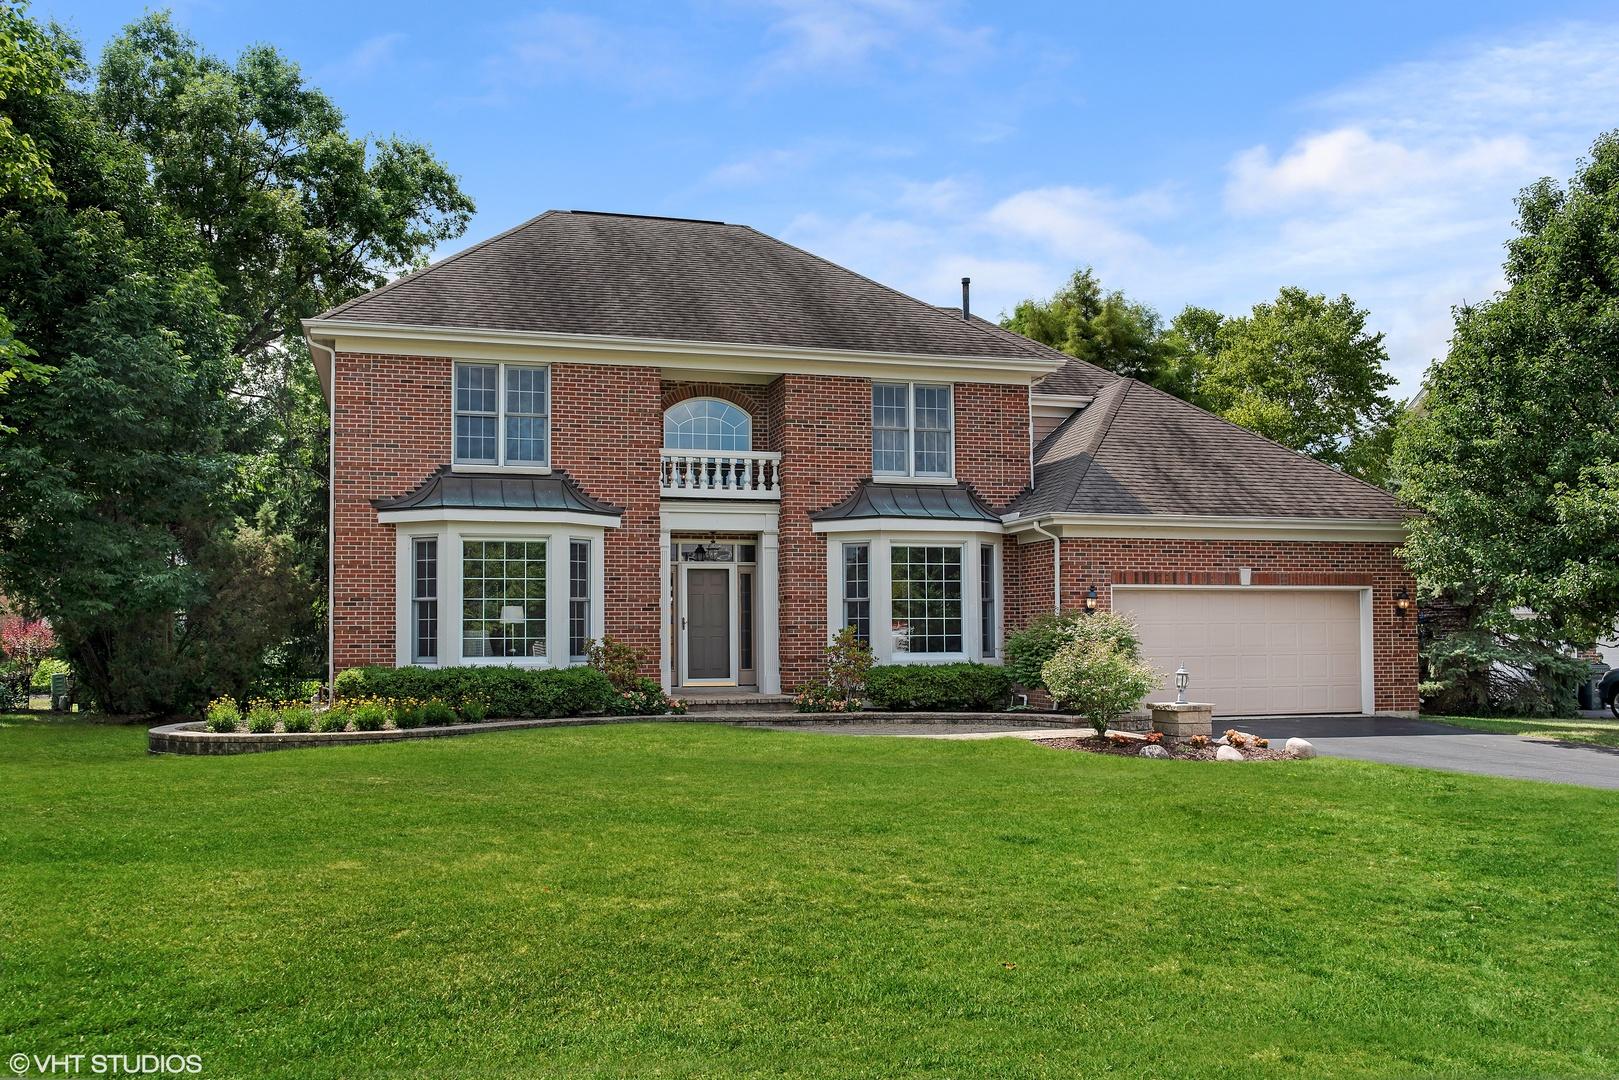 2126 Chandler Lane Glenview, IL 60026